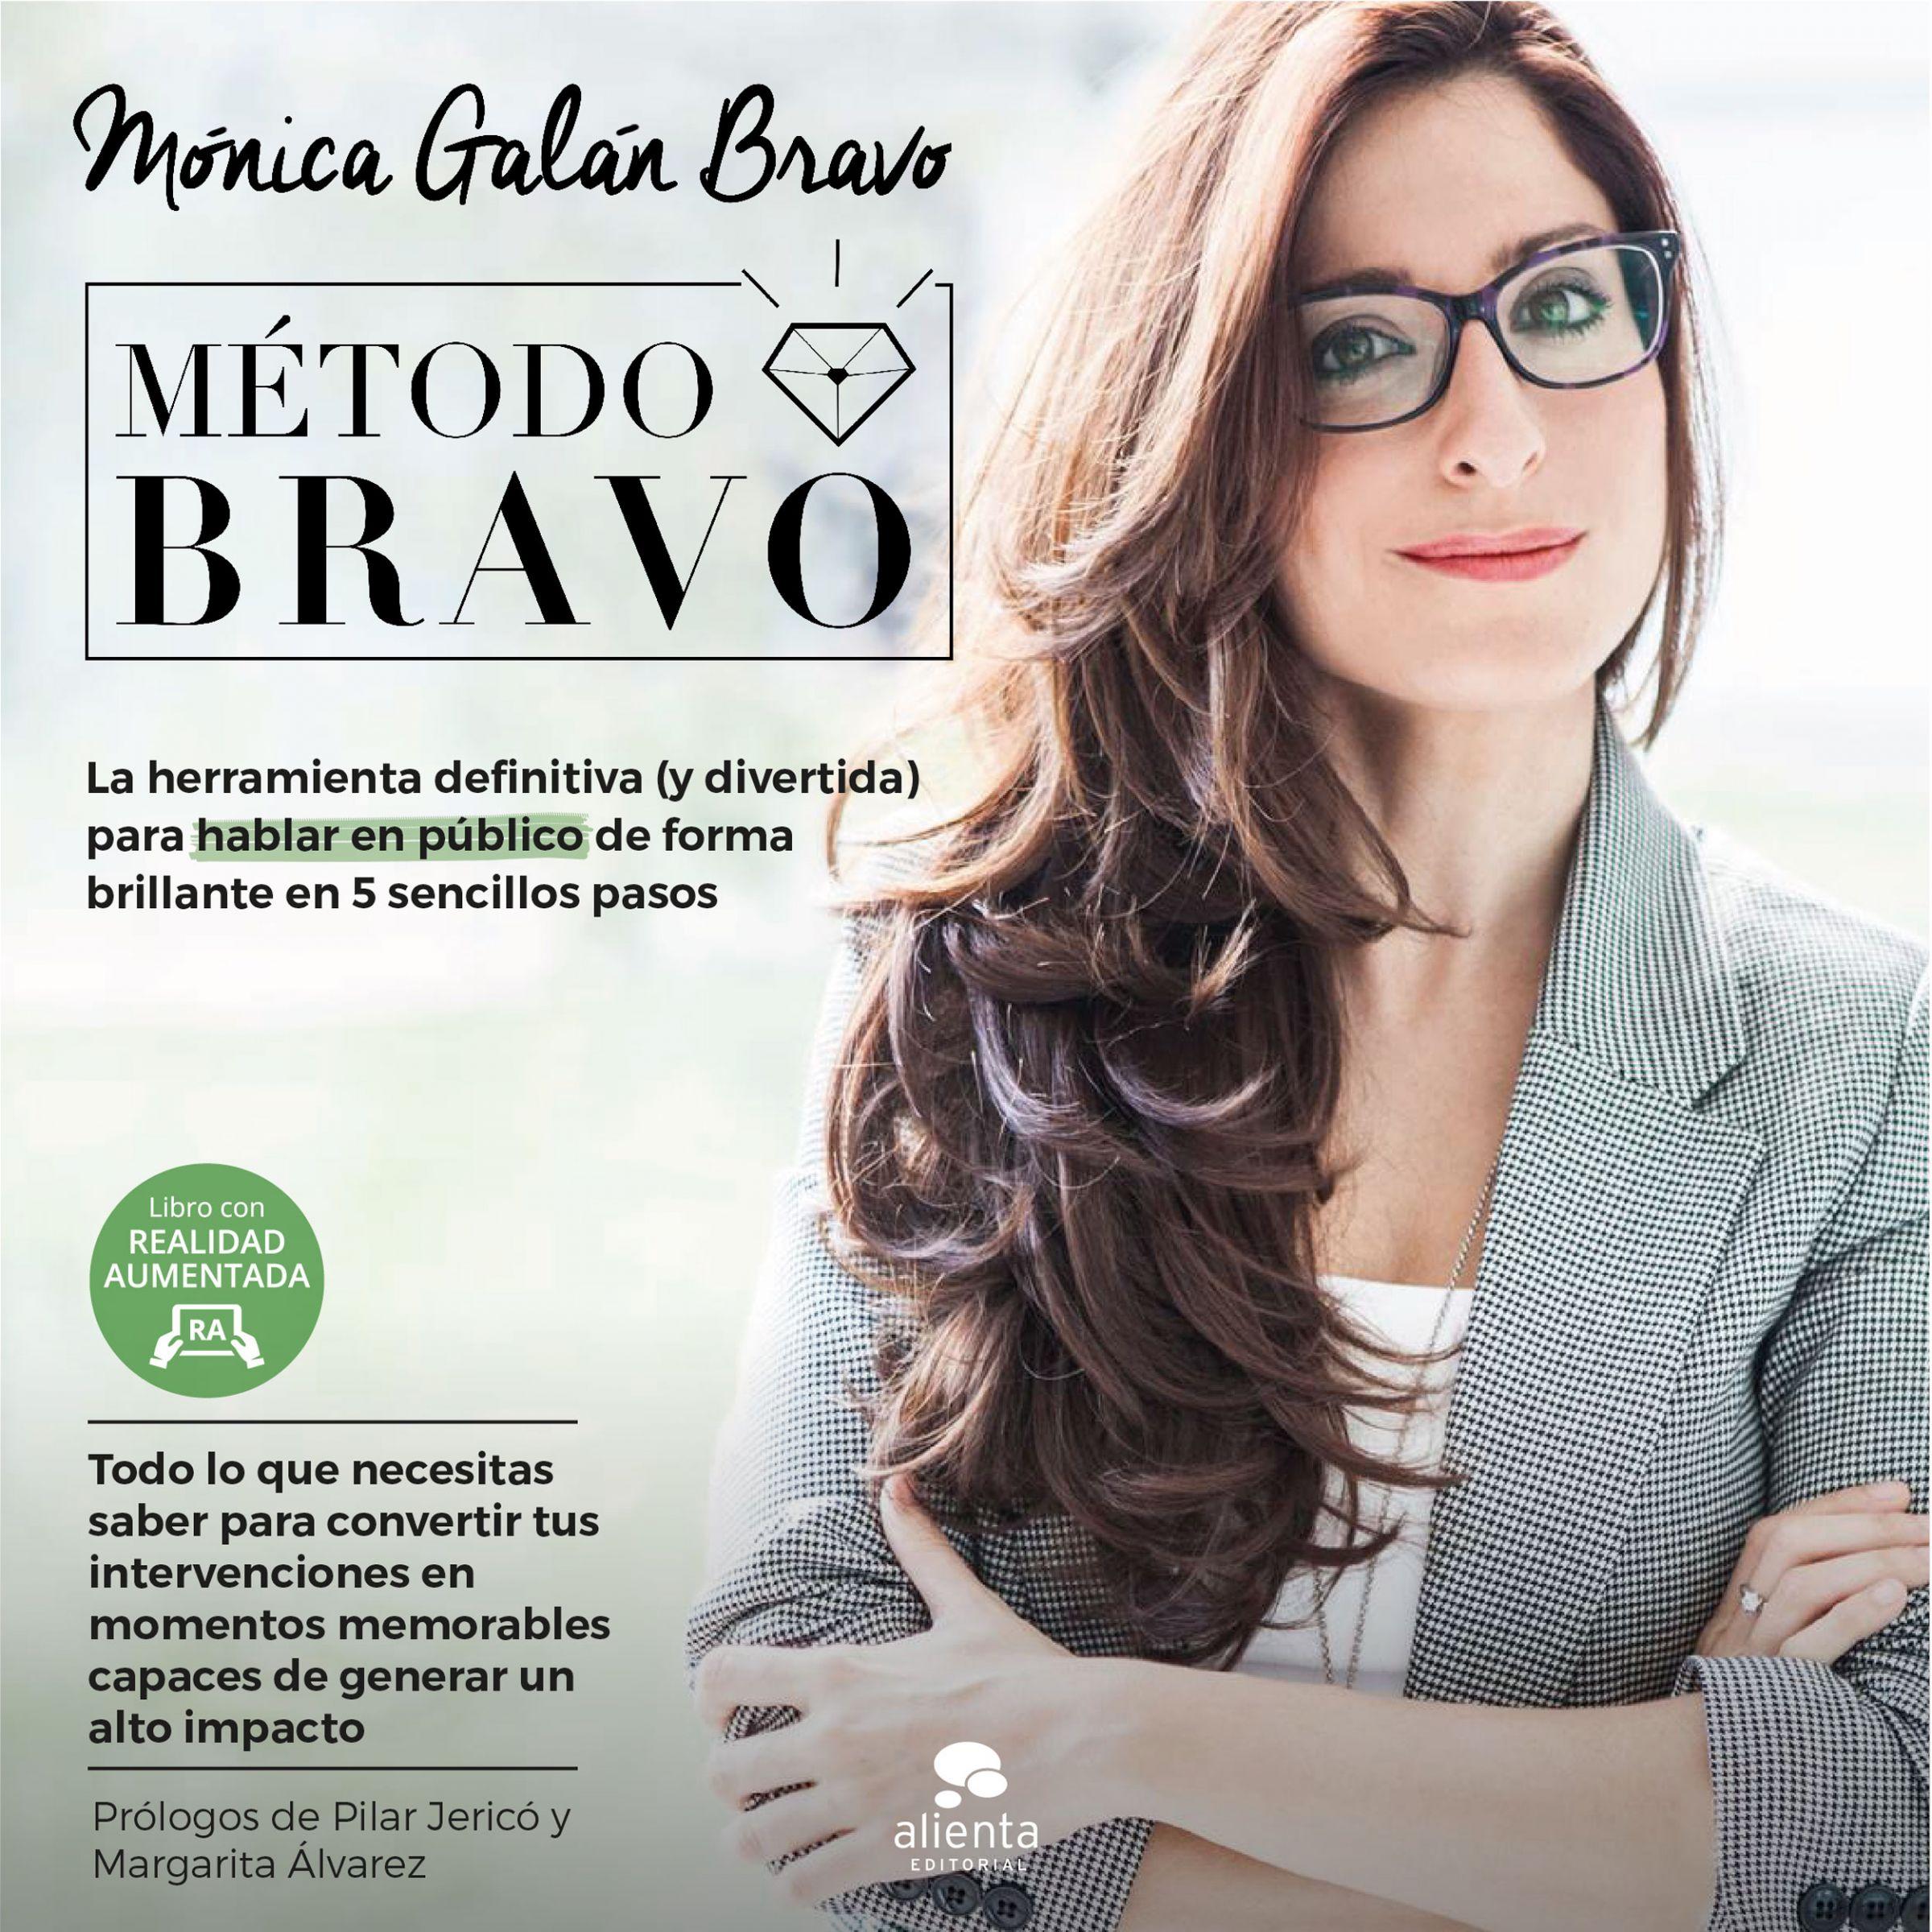 Metodo Bravo La Herramienta Definitiva Y Divertida Para Aprender